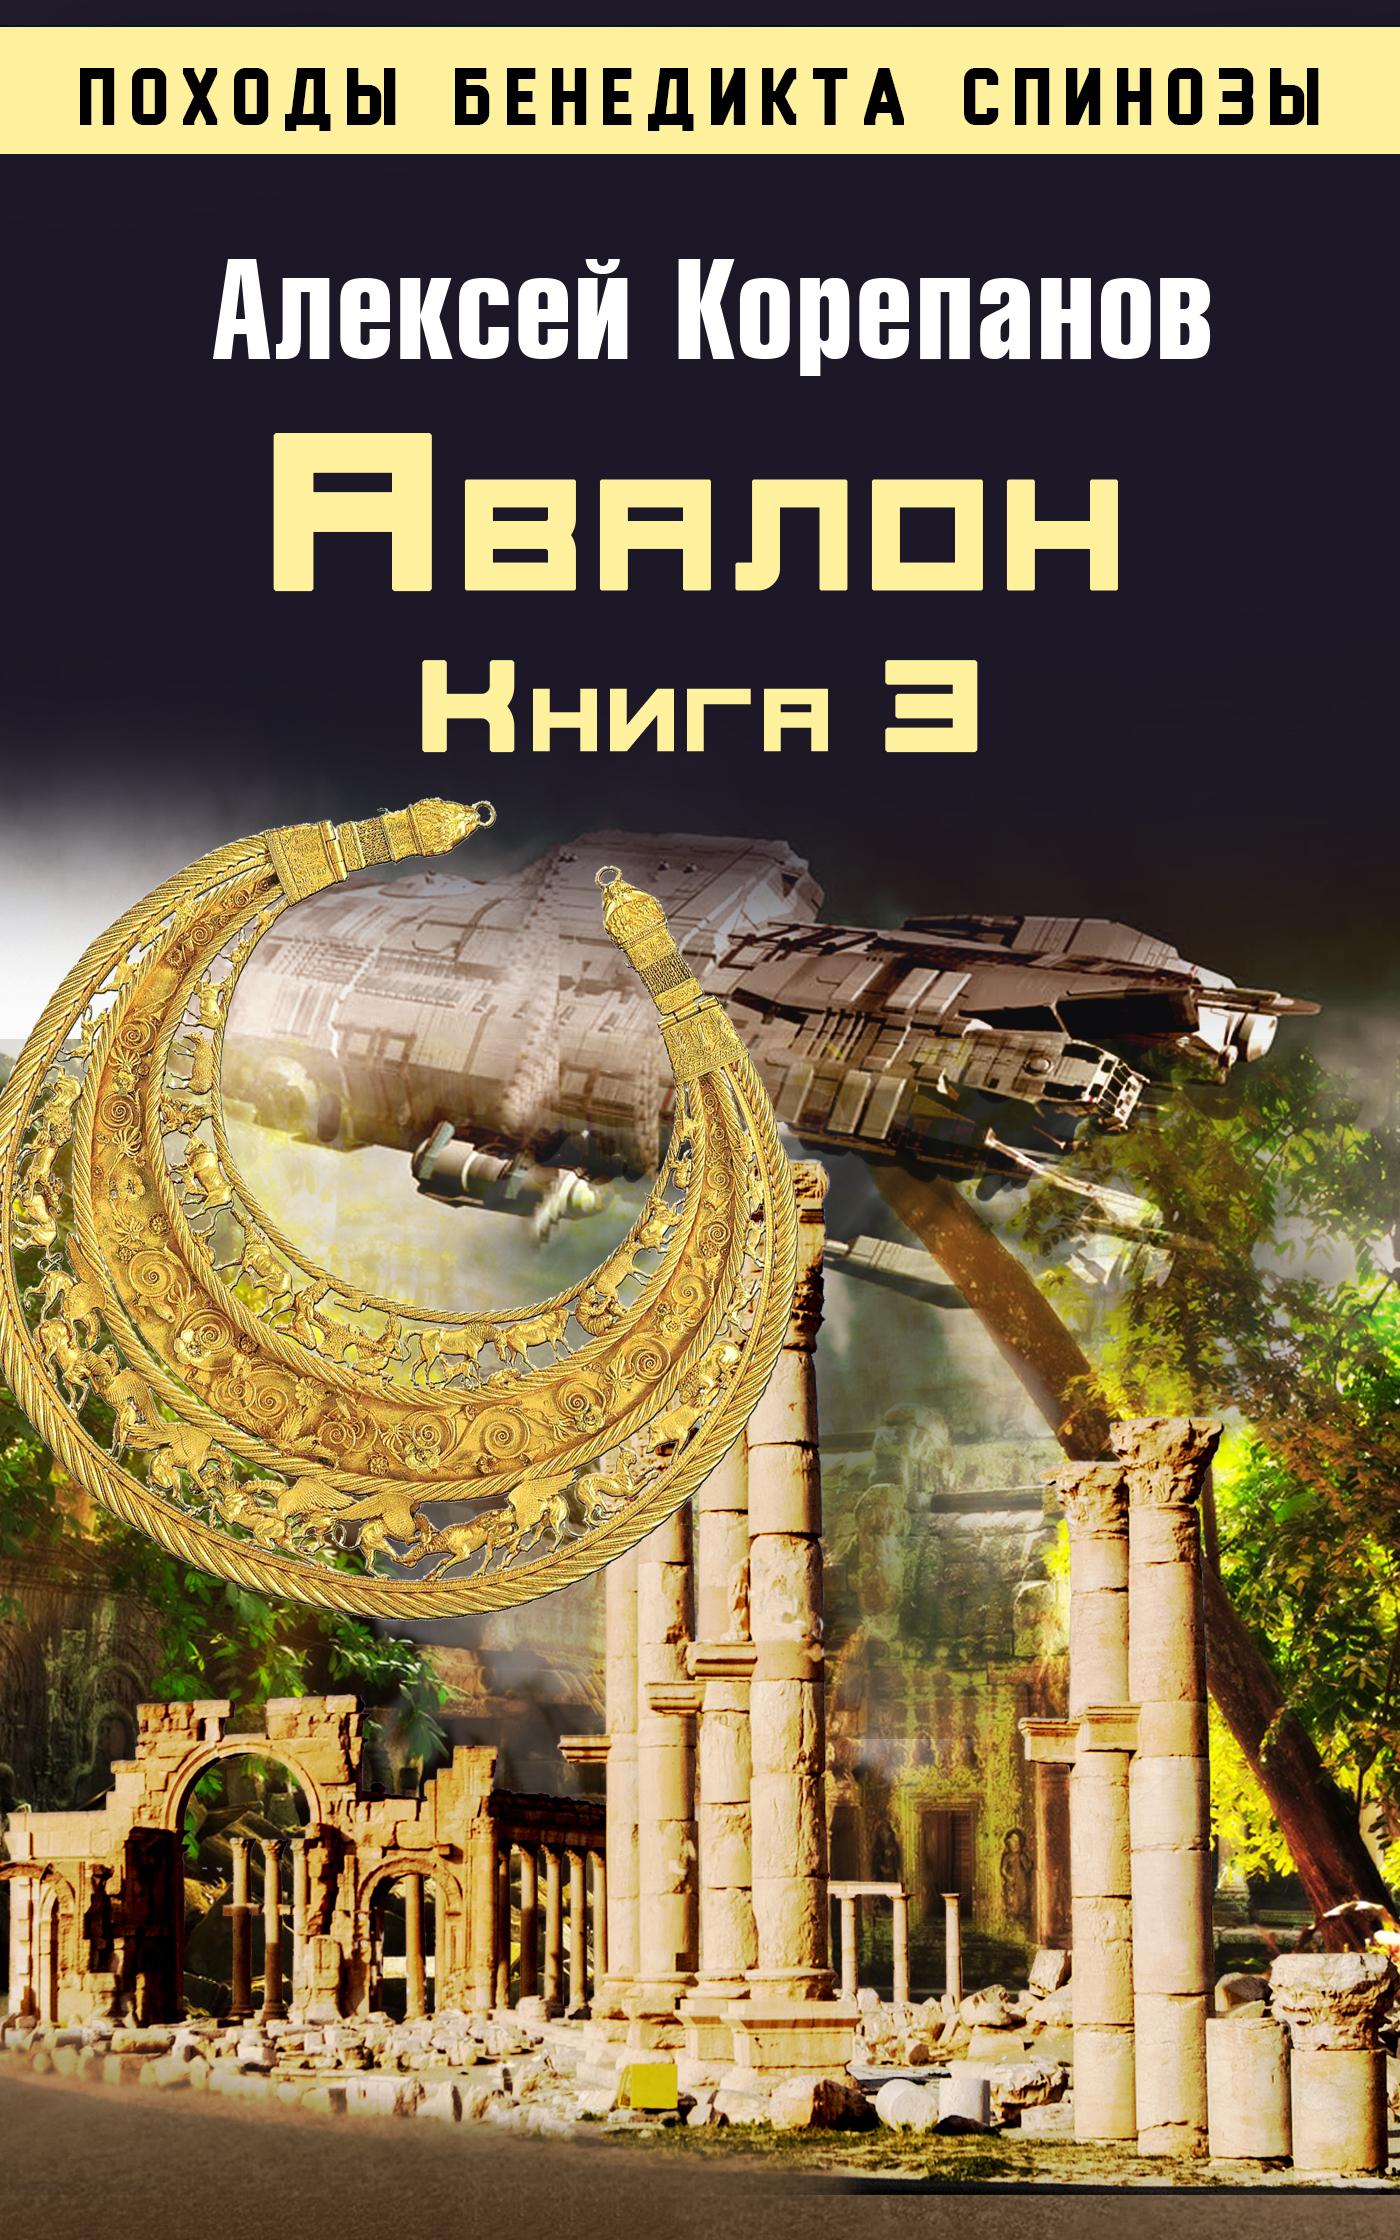 Книга 3. Авалон